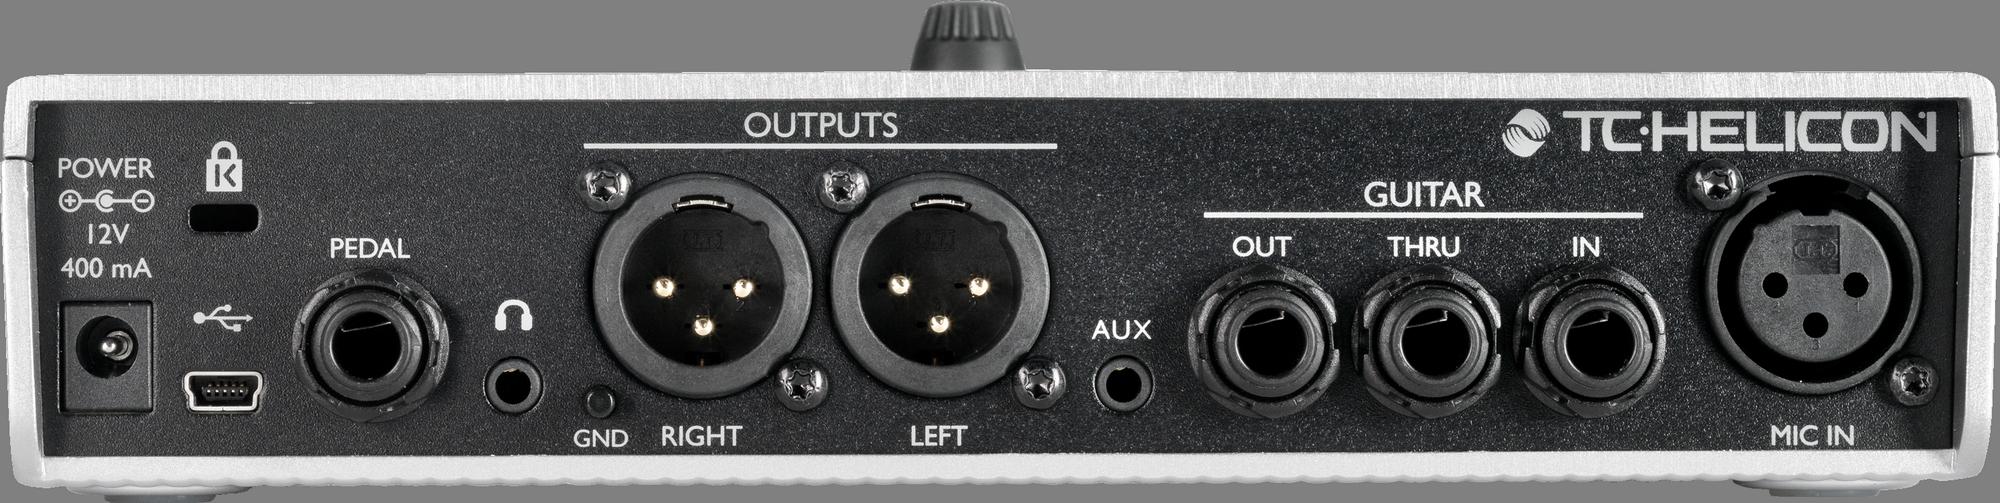 TC Helicon PLAY ELECTRIC Stompbox d'effets vocaux et de guitare